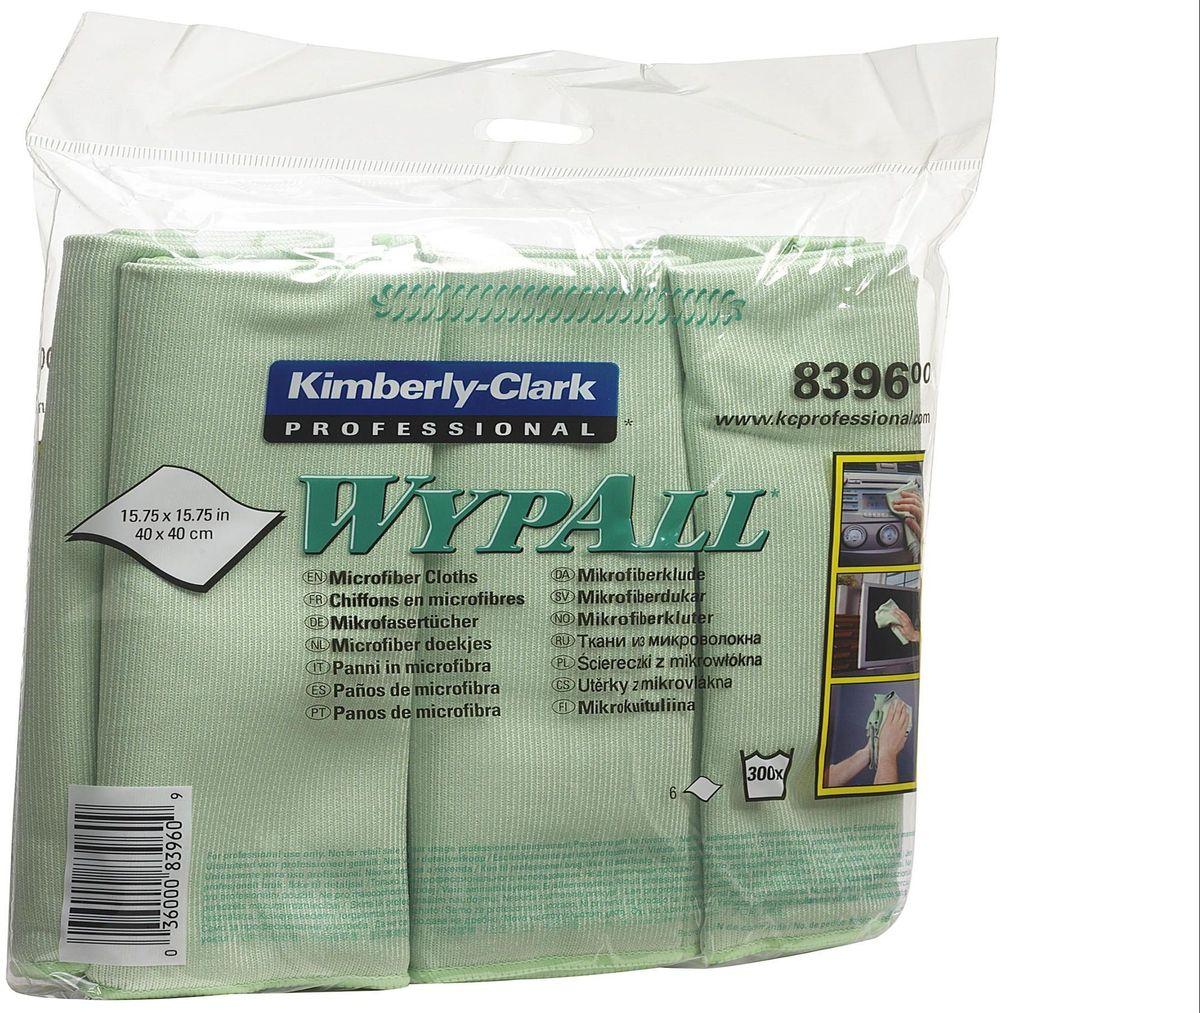 Салфетка для уборки Wypall, универсальная, цвет: зеленый, 40 х 40 см, 6 шт531-301Универсальная салфетка Wypall, выполненная из микрофибры, уменьшает риск перекрестного загрязнения, обеспечивает очистку без применения химикатов и помогает снизить затраты. Салфетка идеально подходит для очистки рабочих столов и других поверхностей. Количество салфеток: 6 шт.Размер салфетки: 40 х 40 см.